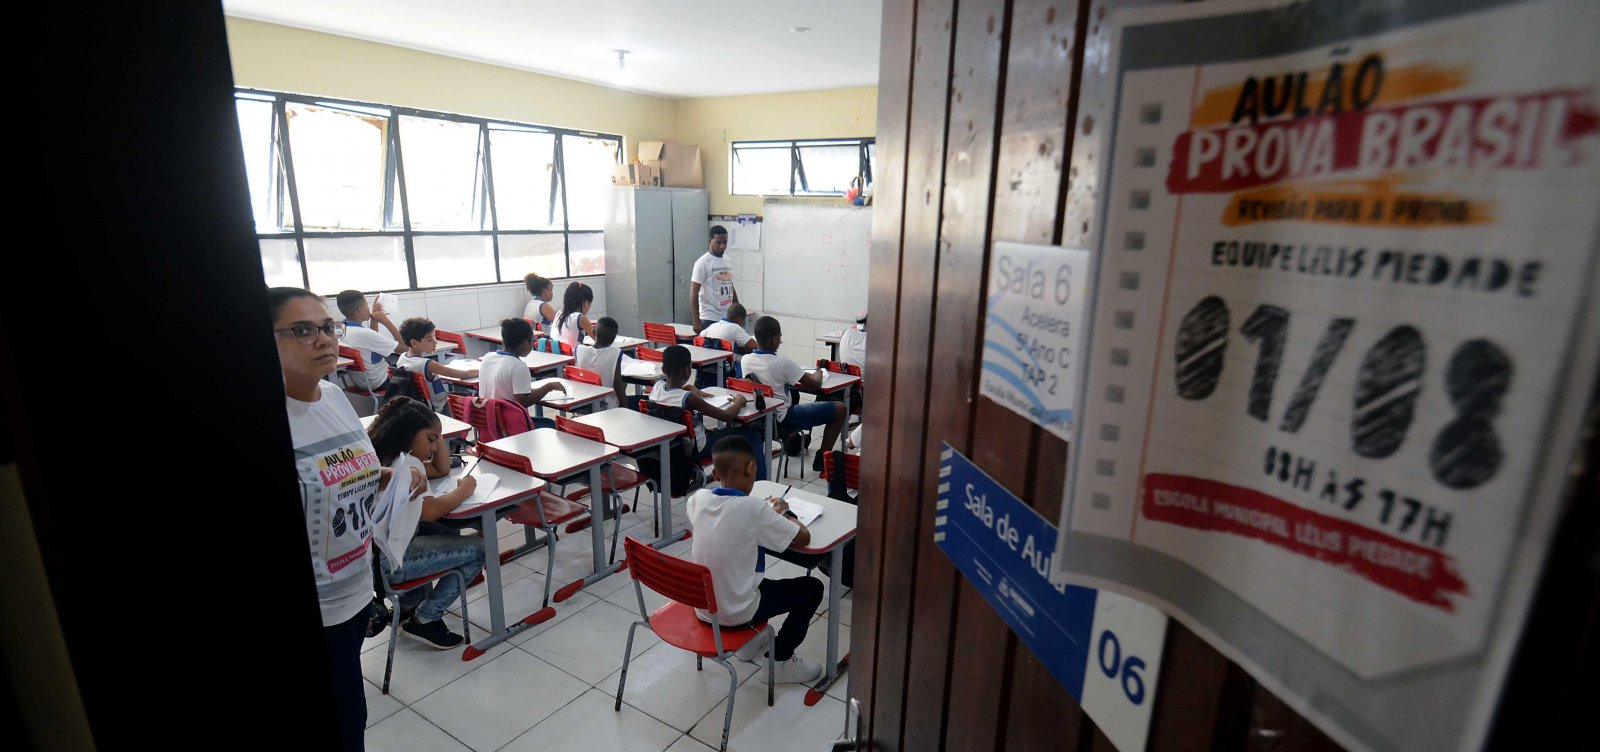 [TV Aratu ganha licitação para transmitir aulas para alunos de Salvador]